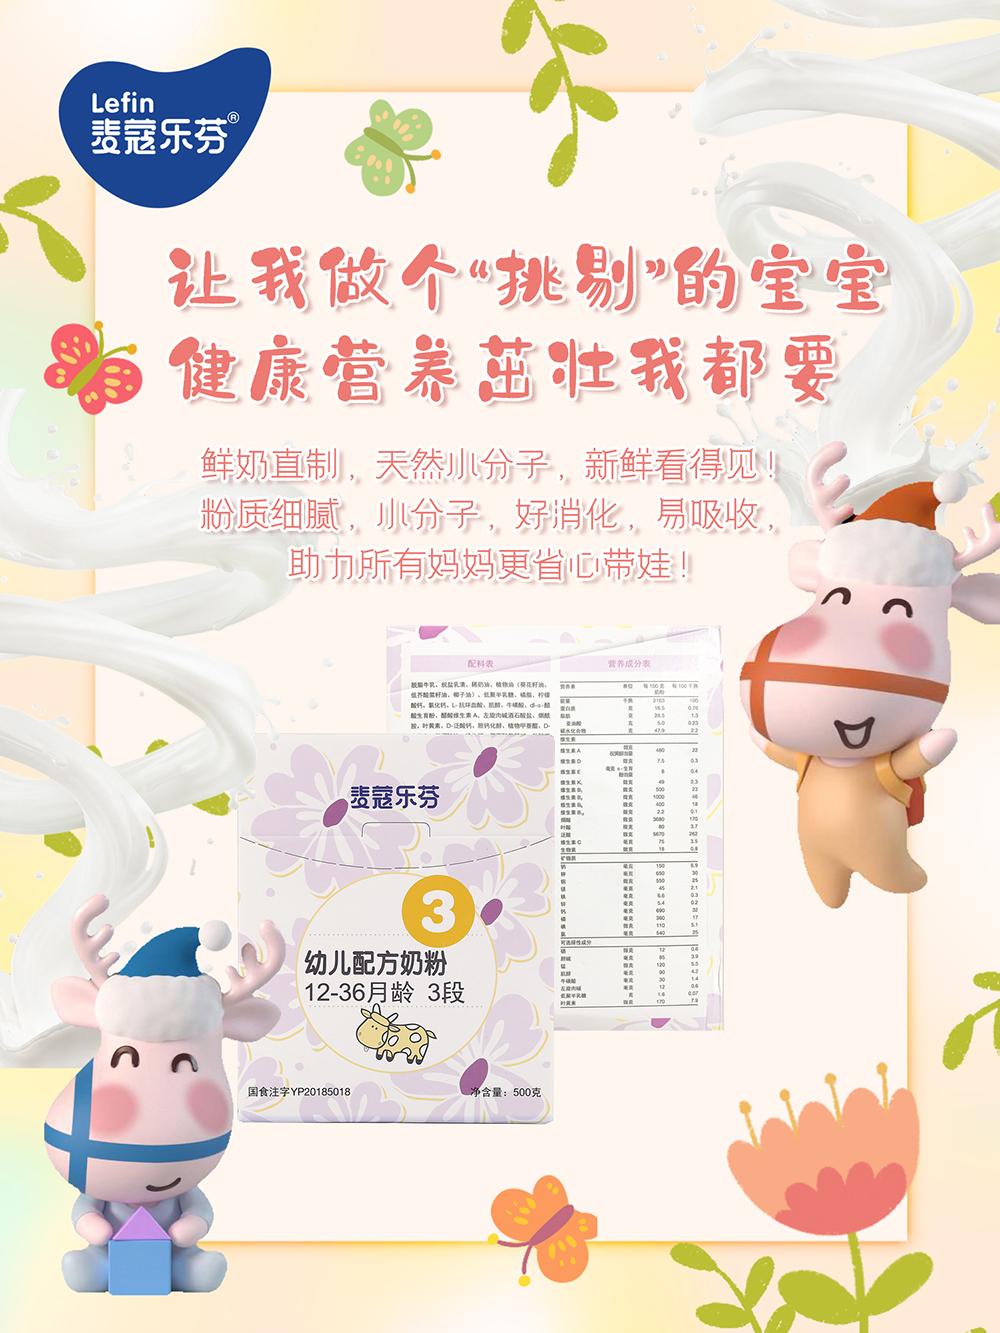 麦蔻乐芬奶粉的高品质是俘获宝妈芳心的重要因素